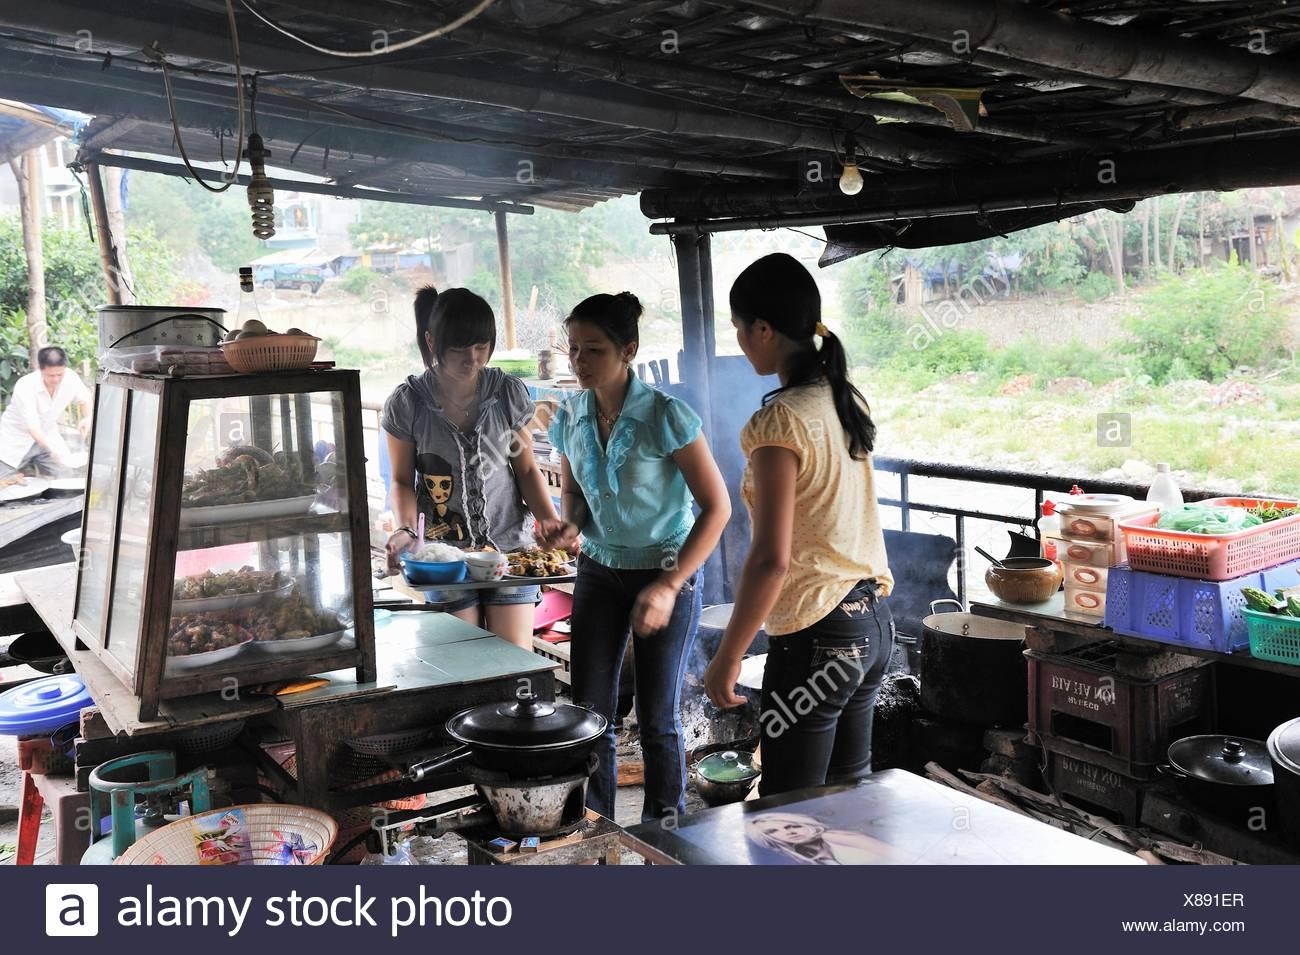 Ristorante economico di Bao Lac,Cao Bang provincia,nel Vietnam del nord, sud-est asiatico Immagini Stock